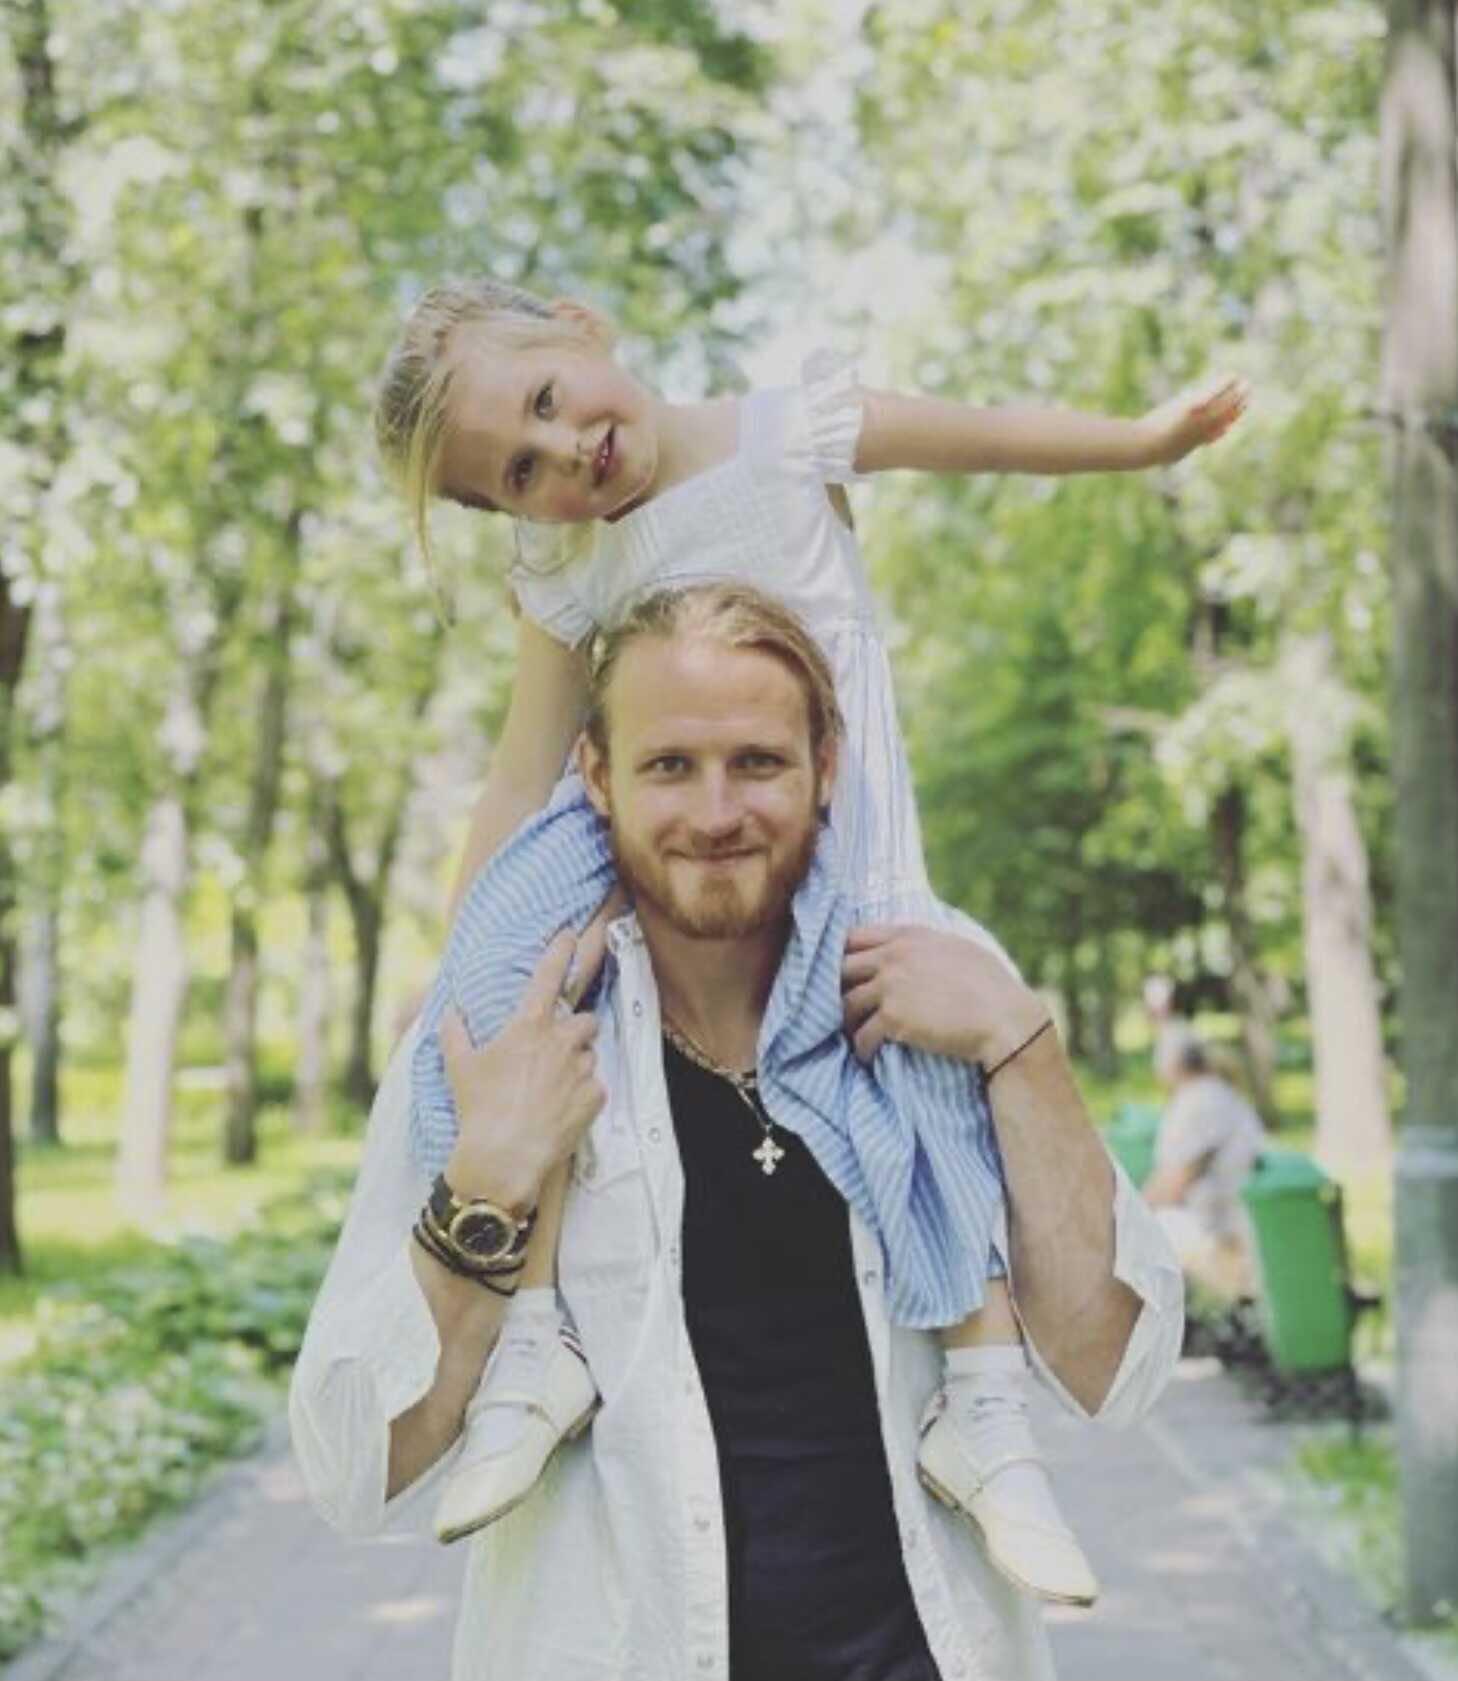 «Копия папы!»: после скандалов и судов дочь Пелагеи и Ивана Телегина приехала жить к отцу